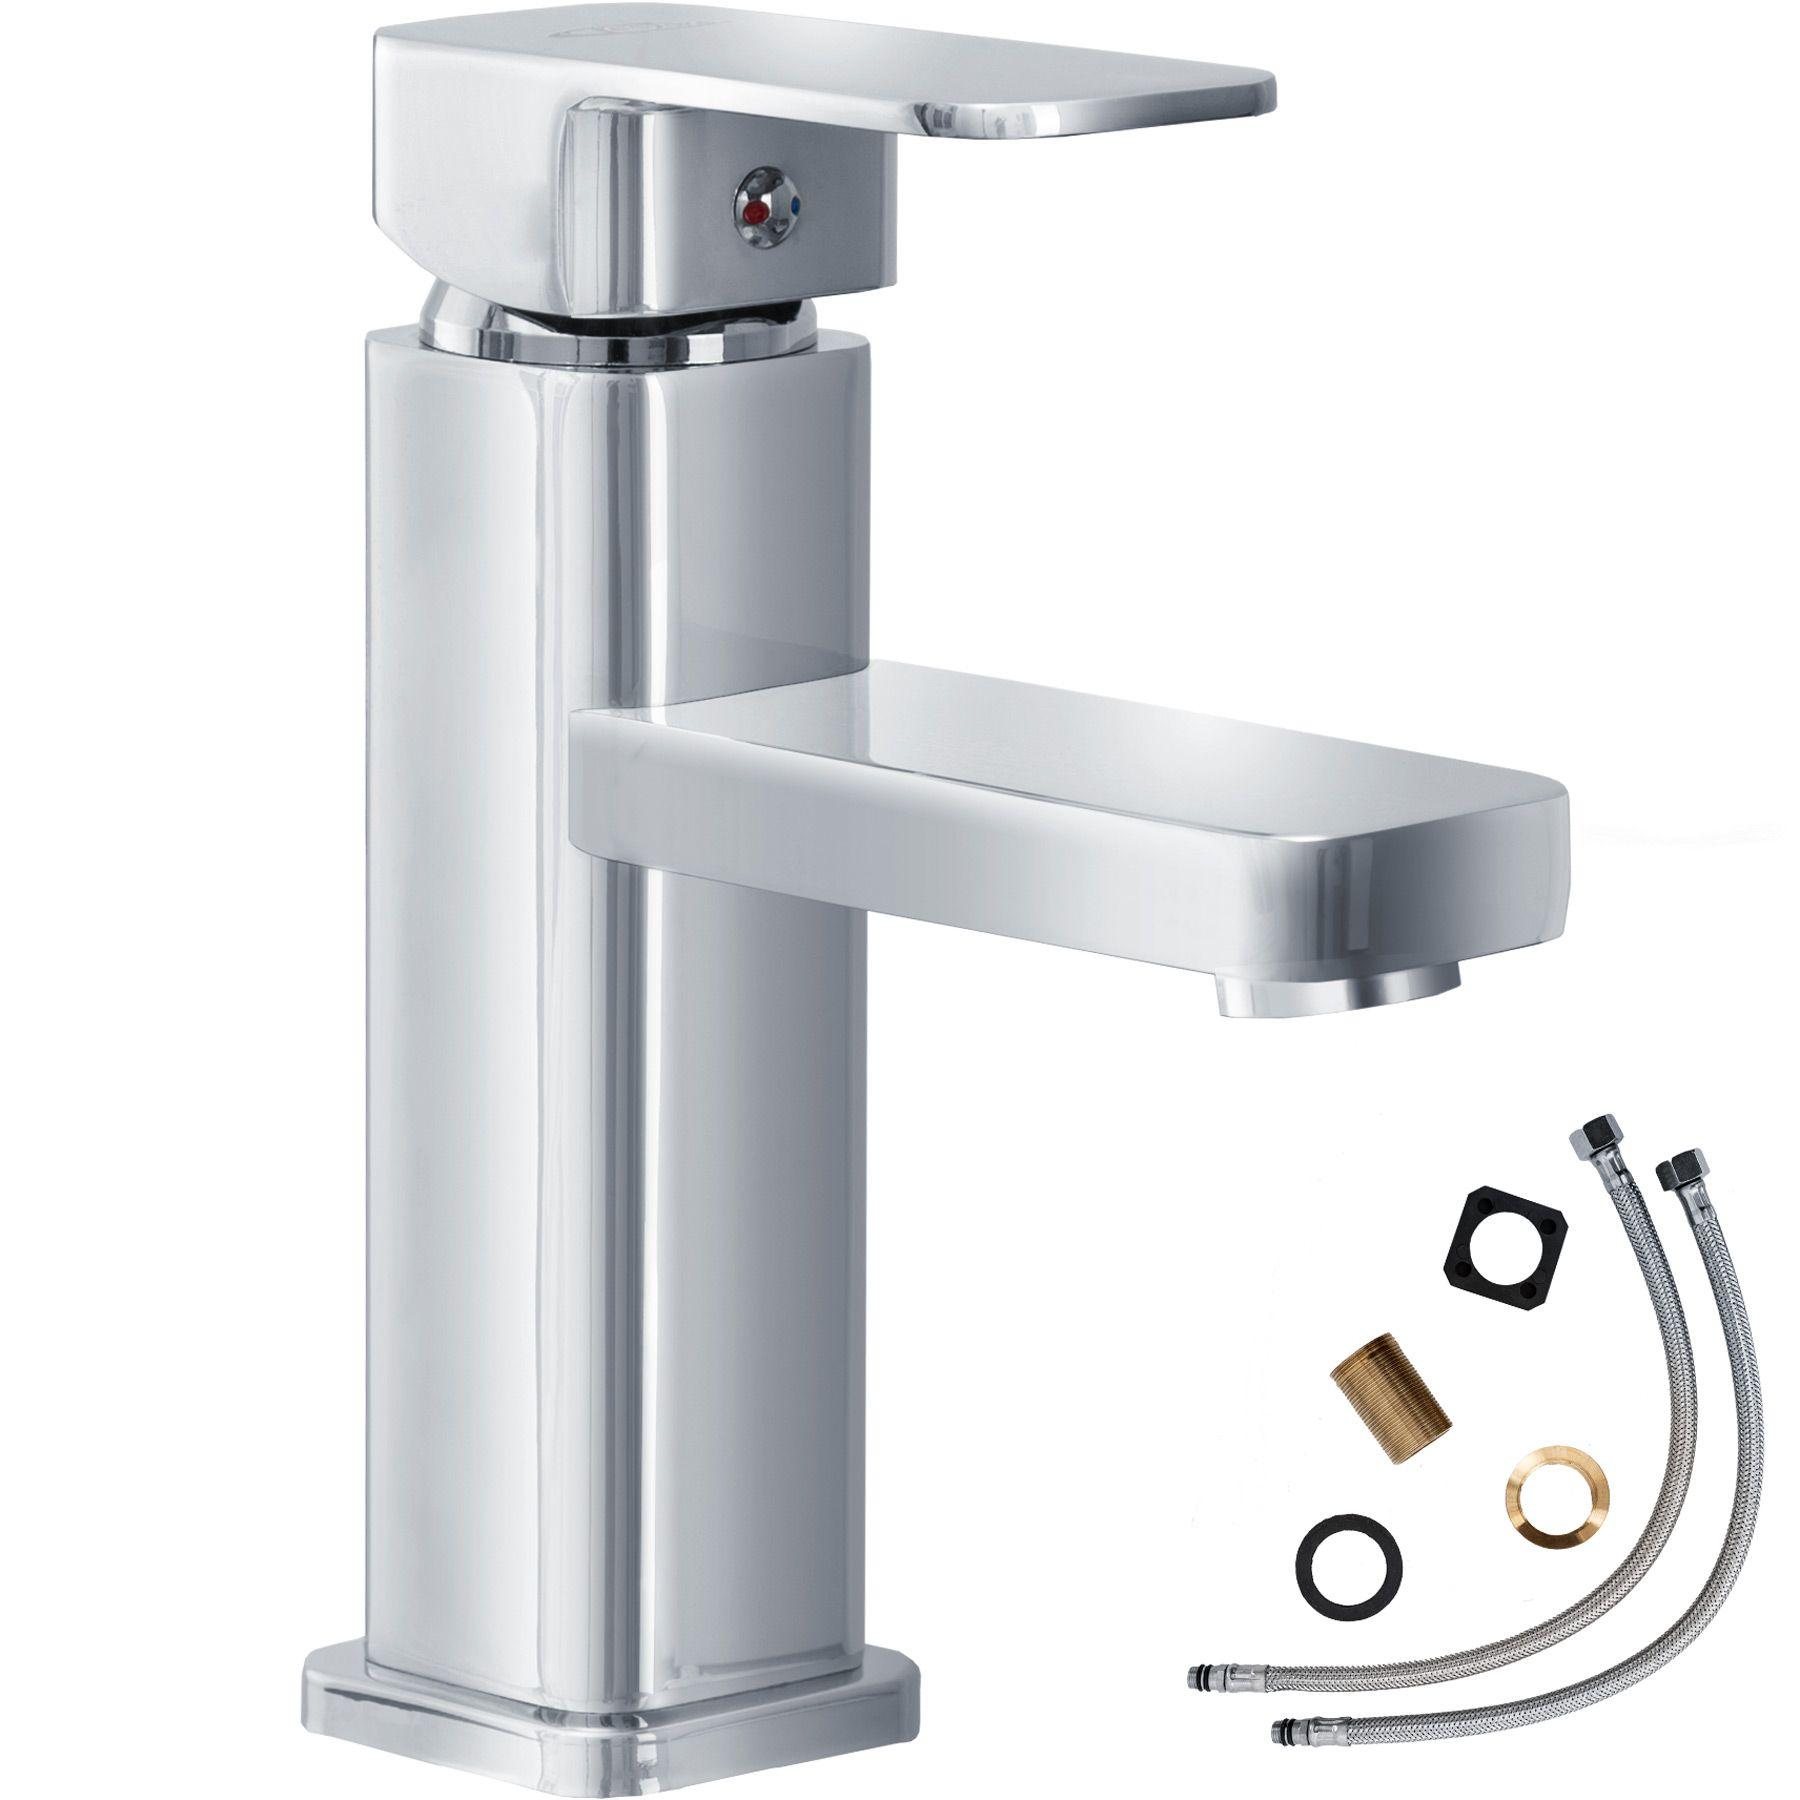 Robinet levier unique mitigeur salle de bain lavabo - Mitigeur salle de bain design ...